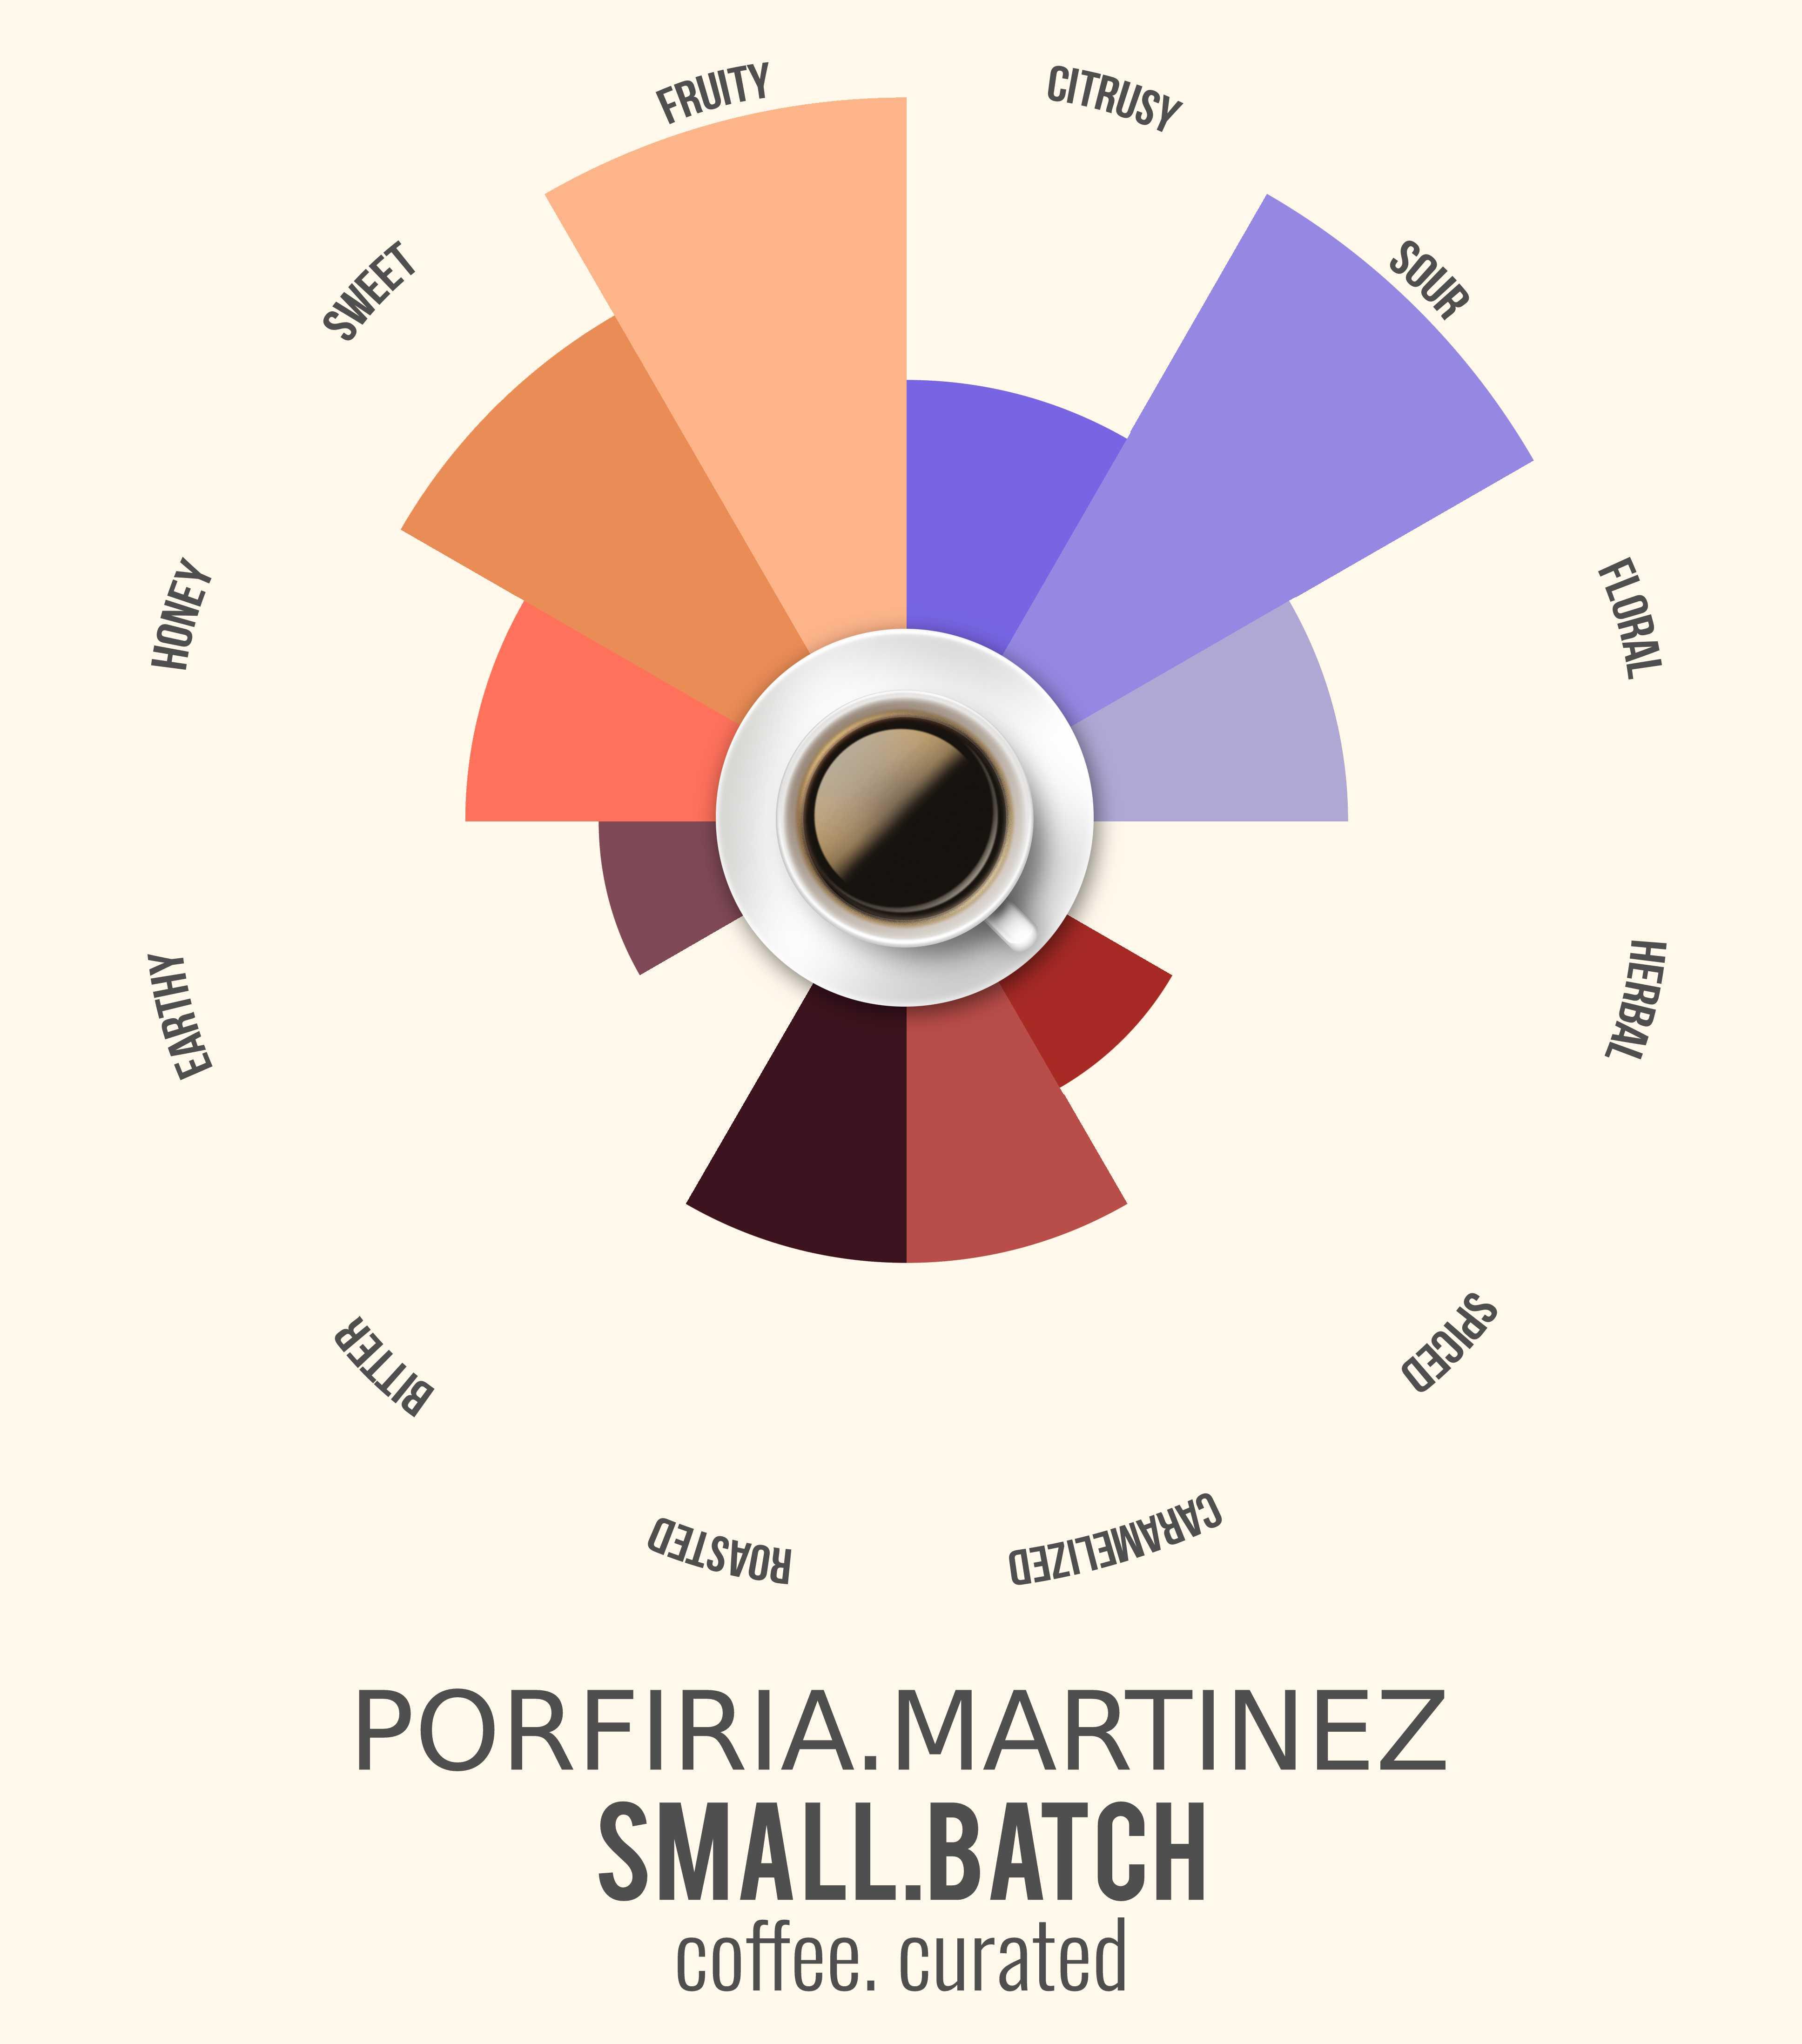 Small Batch PORFIRIA Espresso